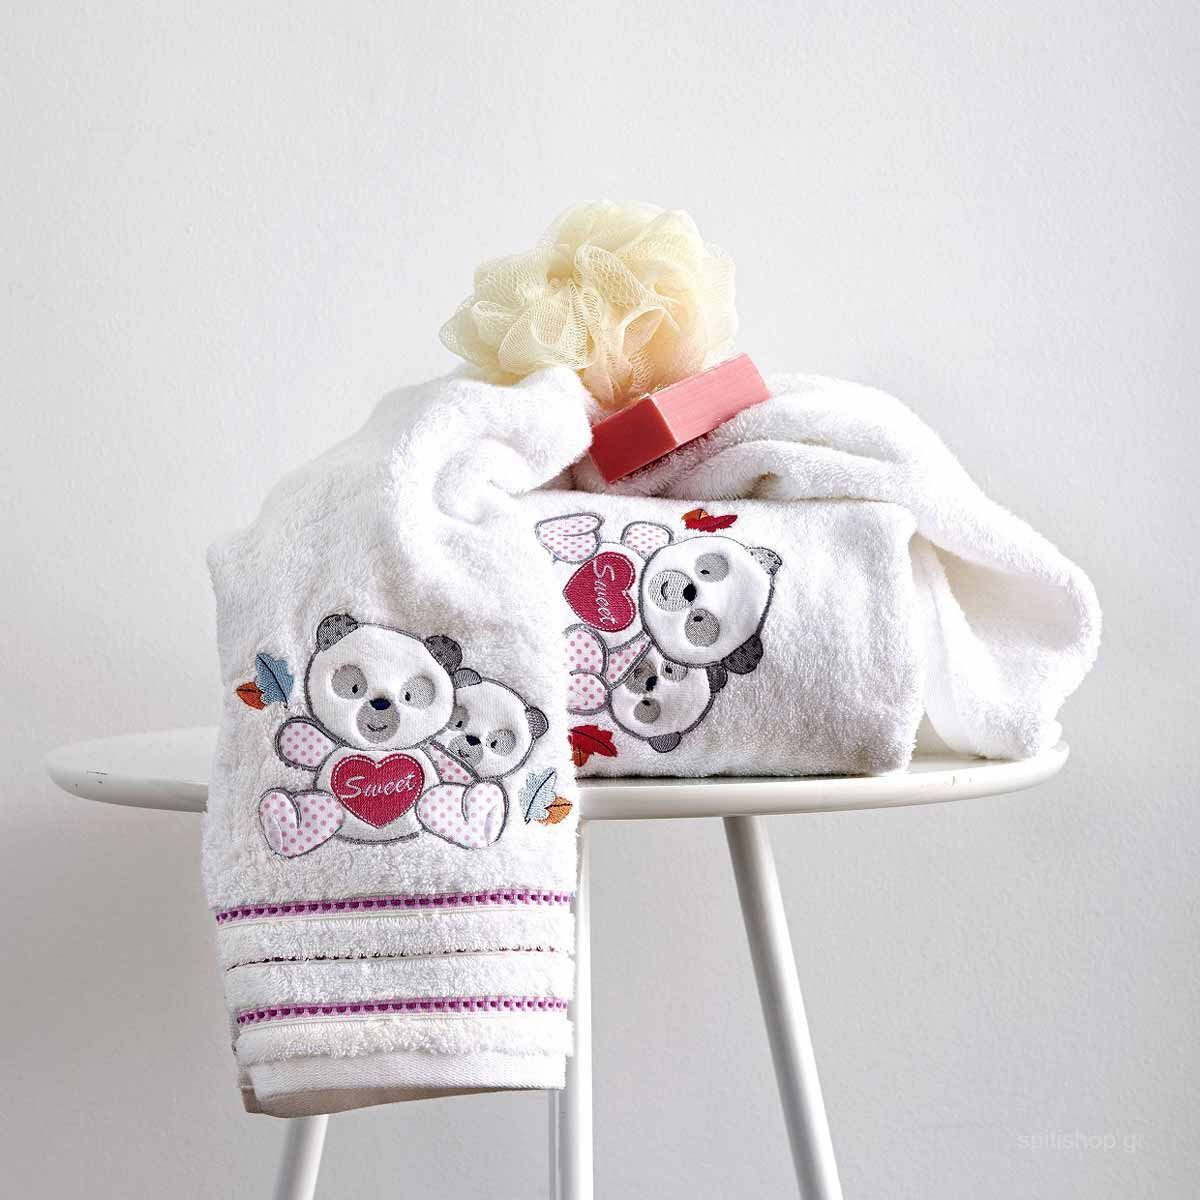 Βρεφικές Πετσέτες (Σετ 2τμχ) Sb Home Baby Panda Pink